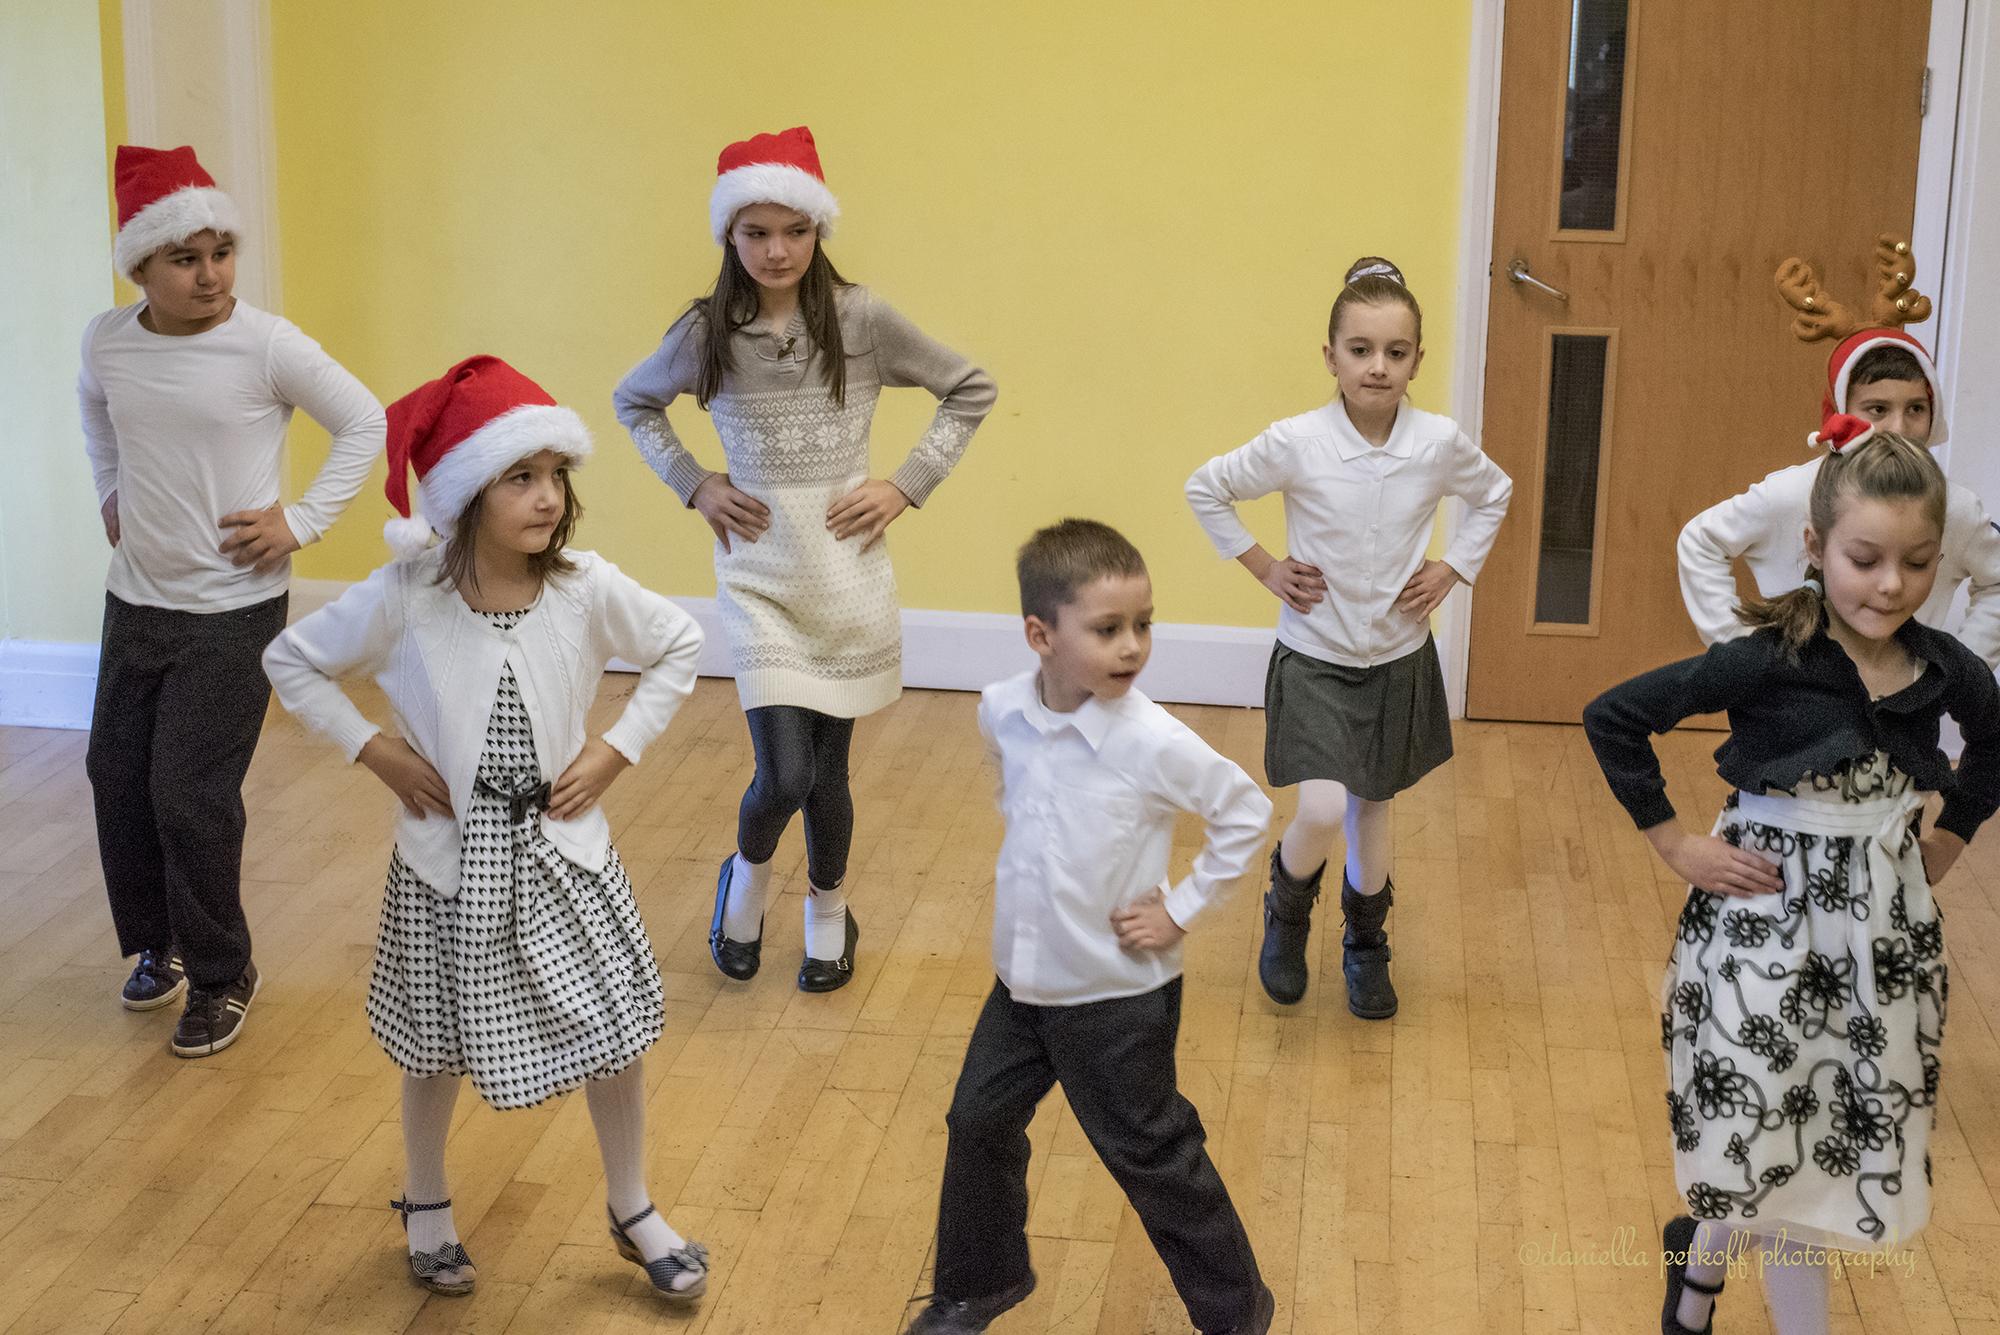 Christmas Party at 'Moyata Azbuka'131214095.jpg